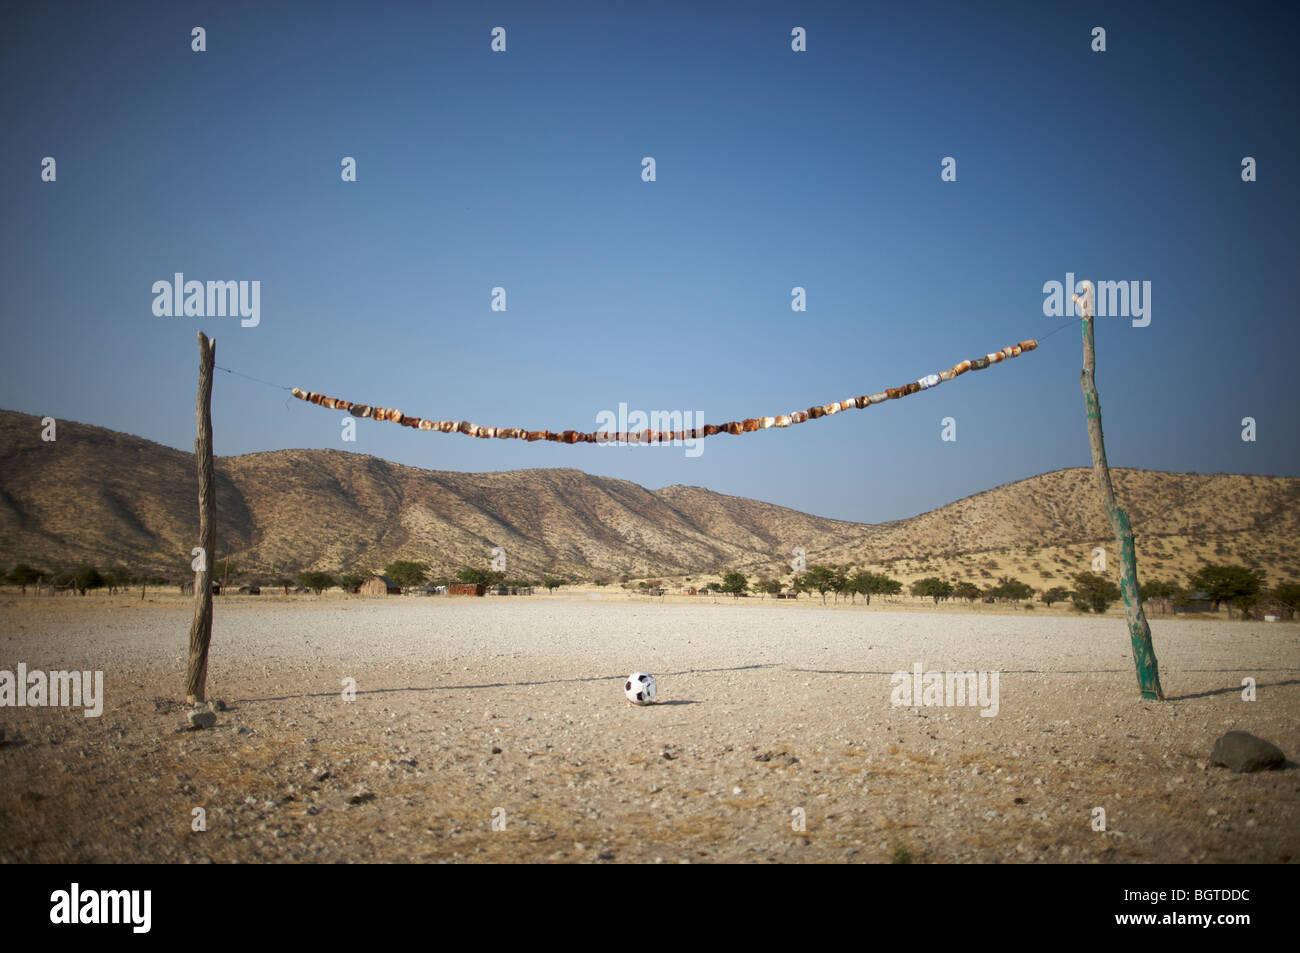 Terrain de soccer rural rustique faite de branches d'arbre et les canettes, Epupa Falls, Kaokoland, Namibie Banque D'Images